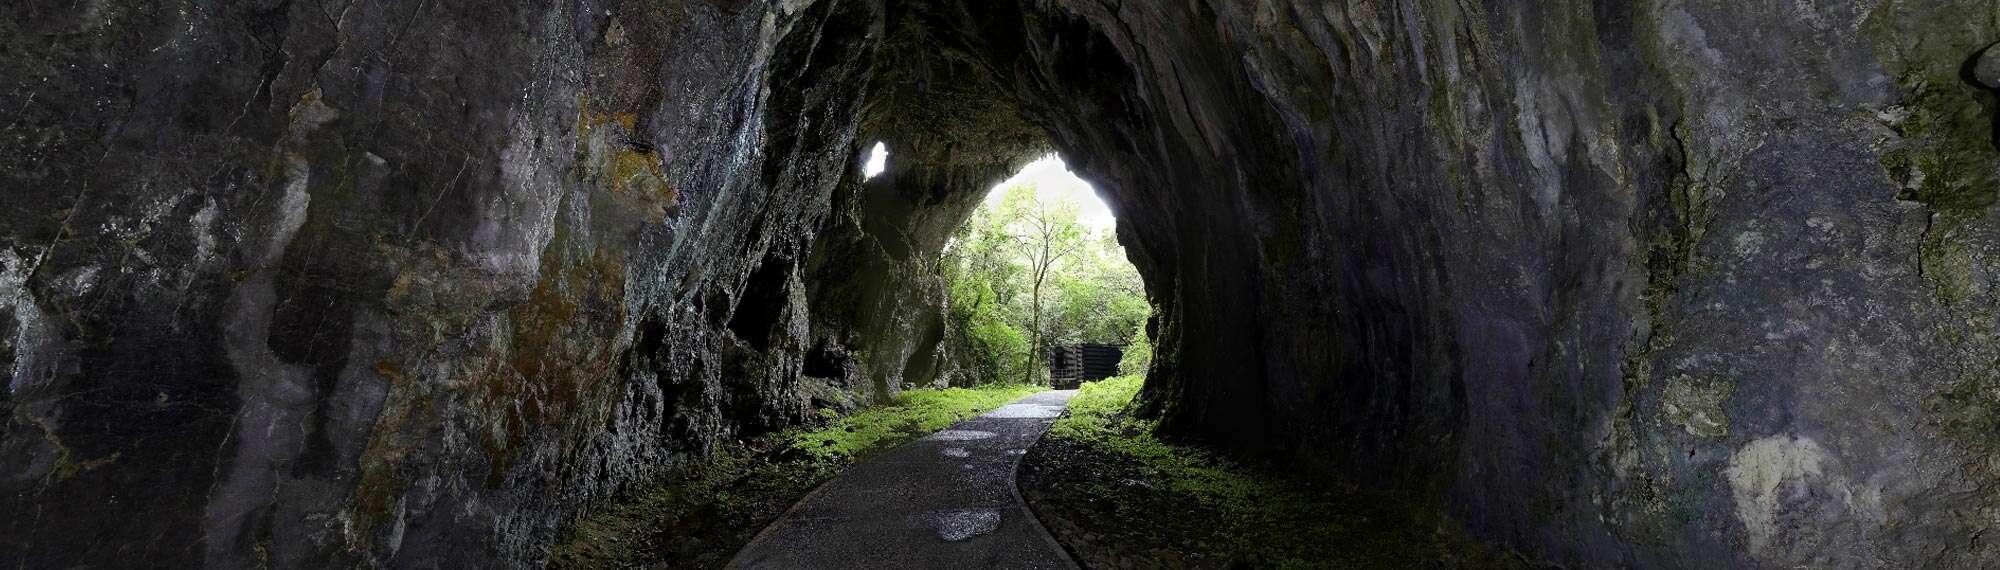 Cueva de Cullalvera (Ramales de la Victoria, Cantabria) · Senditur sendas rut...